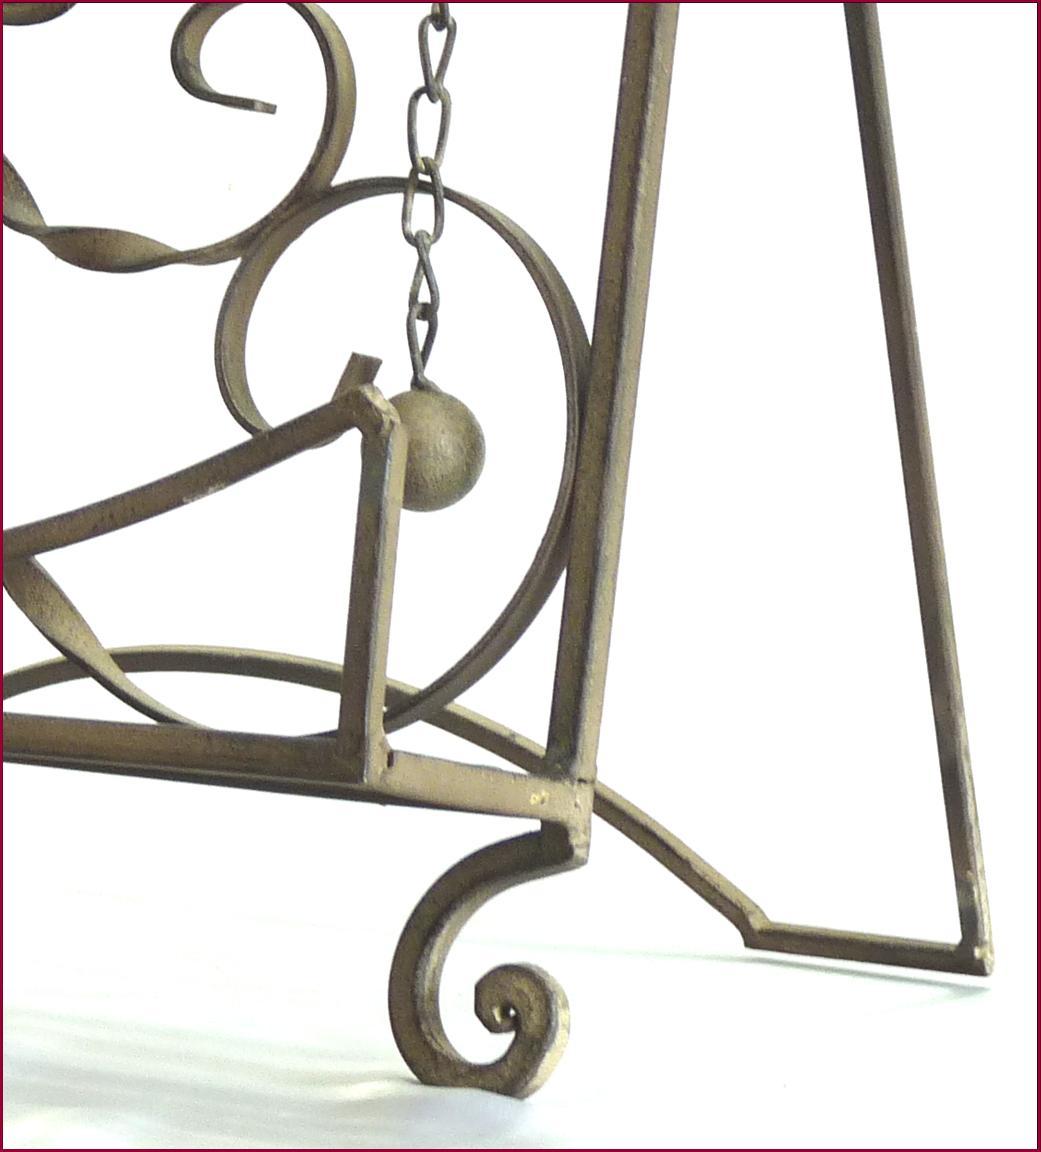 lutrin pupitre chevalet porte repose livre de lecture de cuisine en fer gris ebay. Black Bedroom Furniture Sets. Home Design Ideas